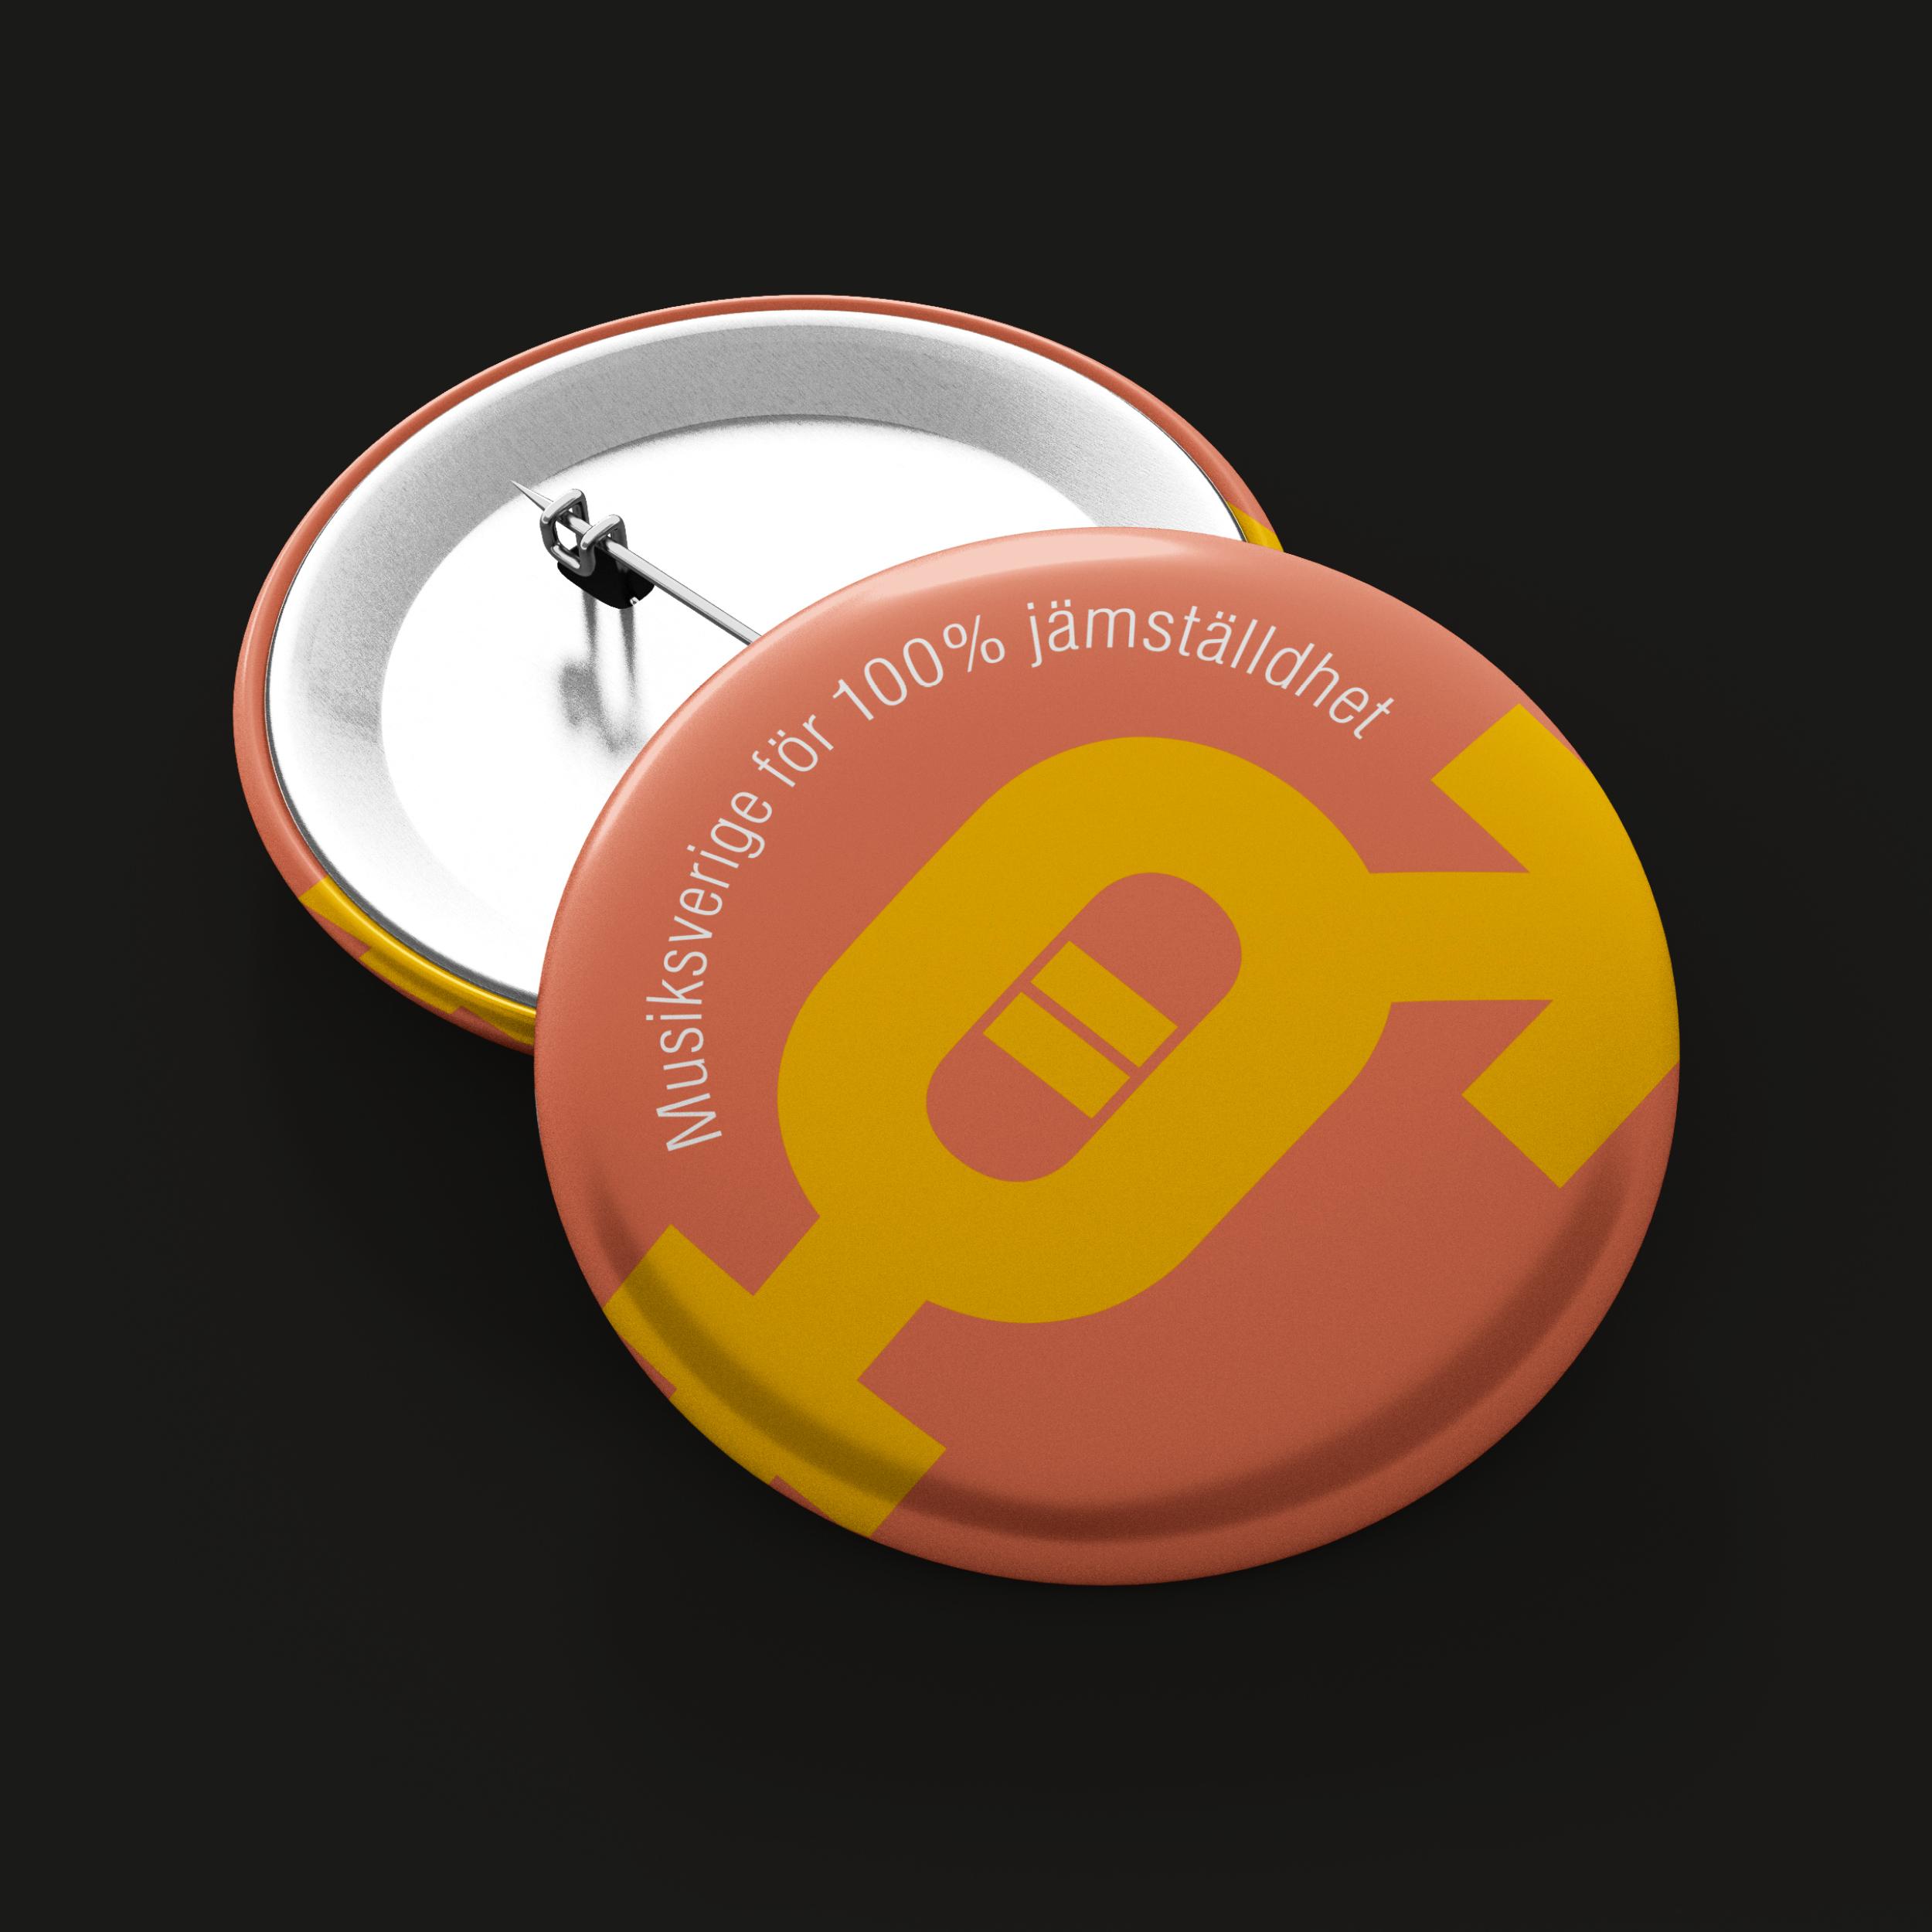 musiksverige_badge_new.jpg